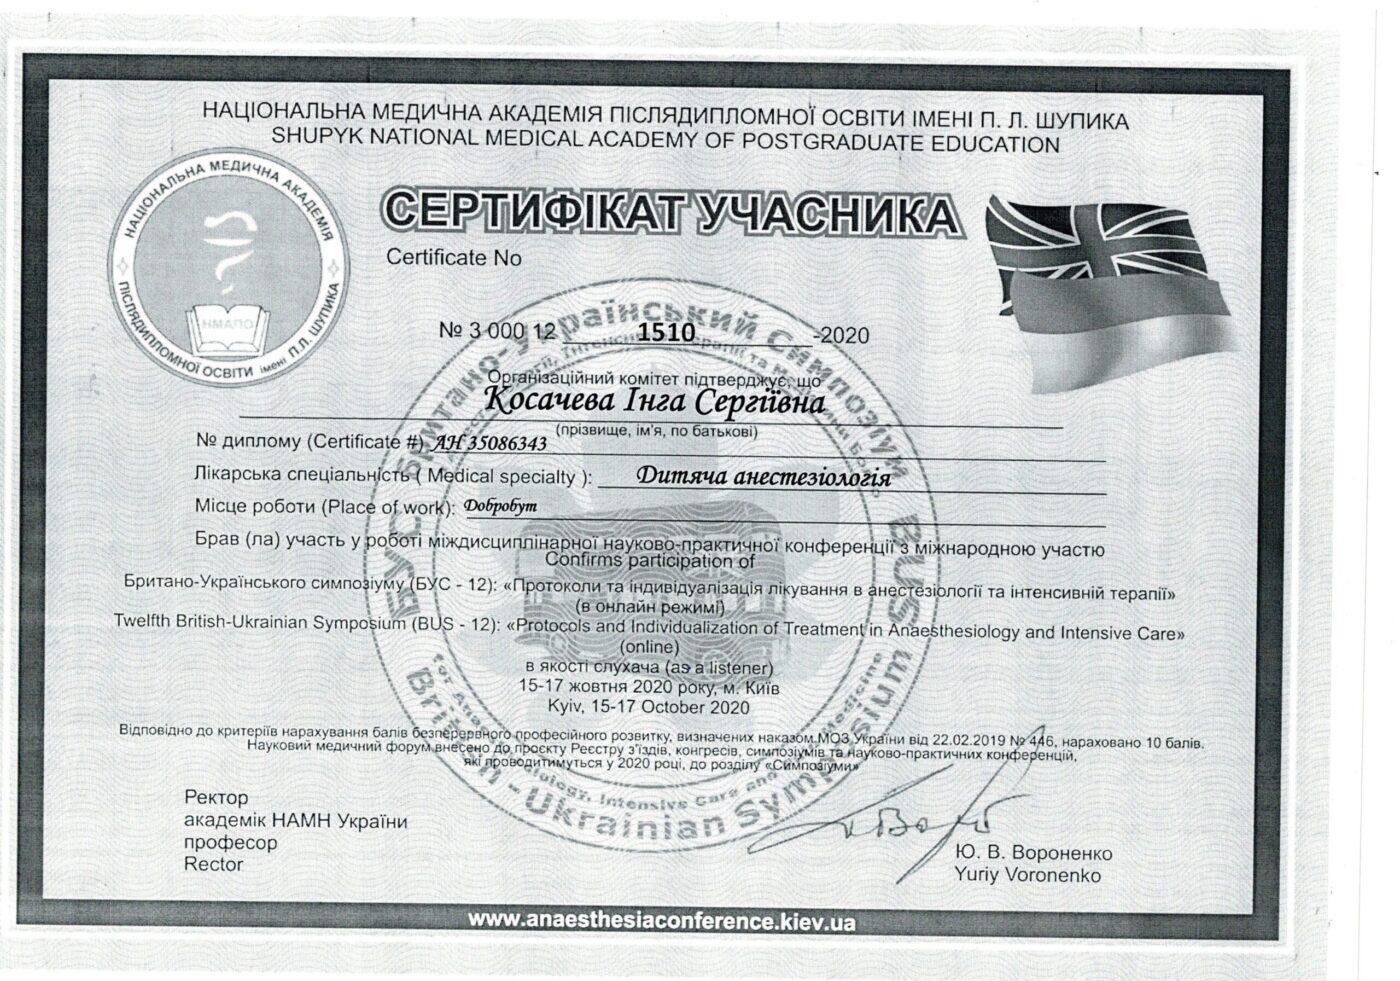 Сертифікат дитячого лікаря анестезіолога Косачевої Інги Сергіївни об участі у конференции (Протоколи та індивідуалізація лікування в анестезіології та інтенсивній терапії)